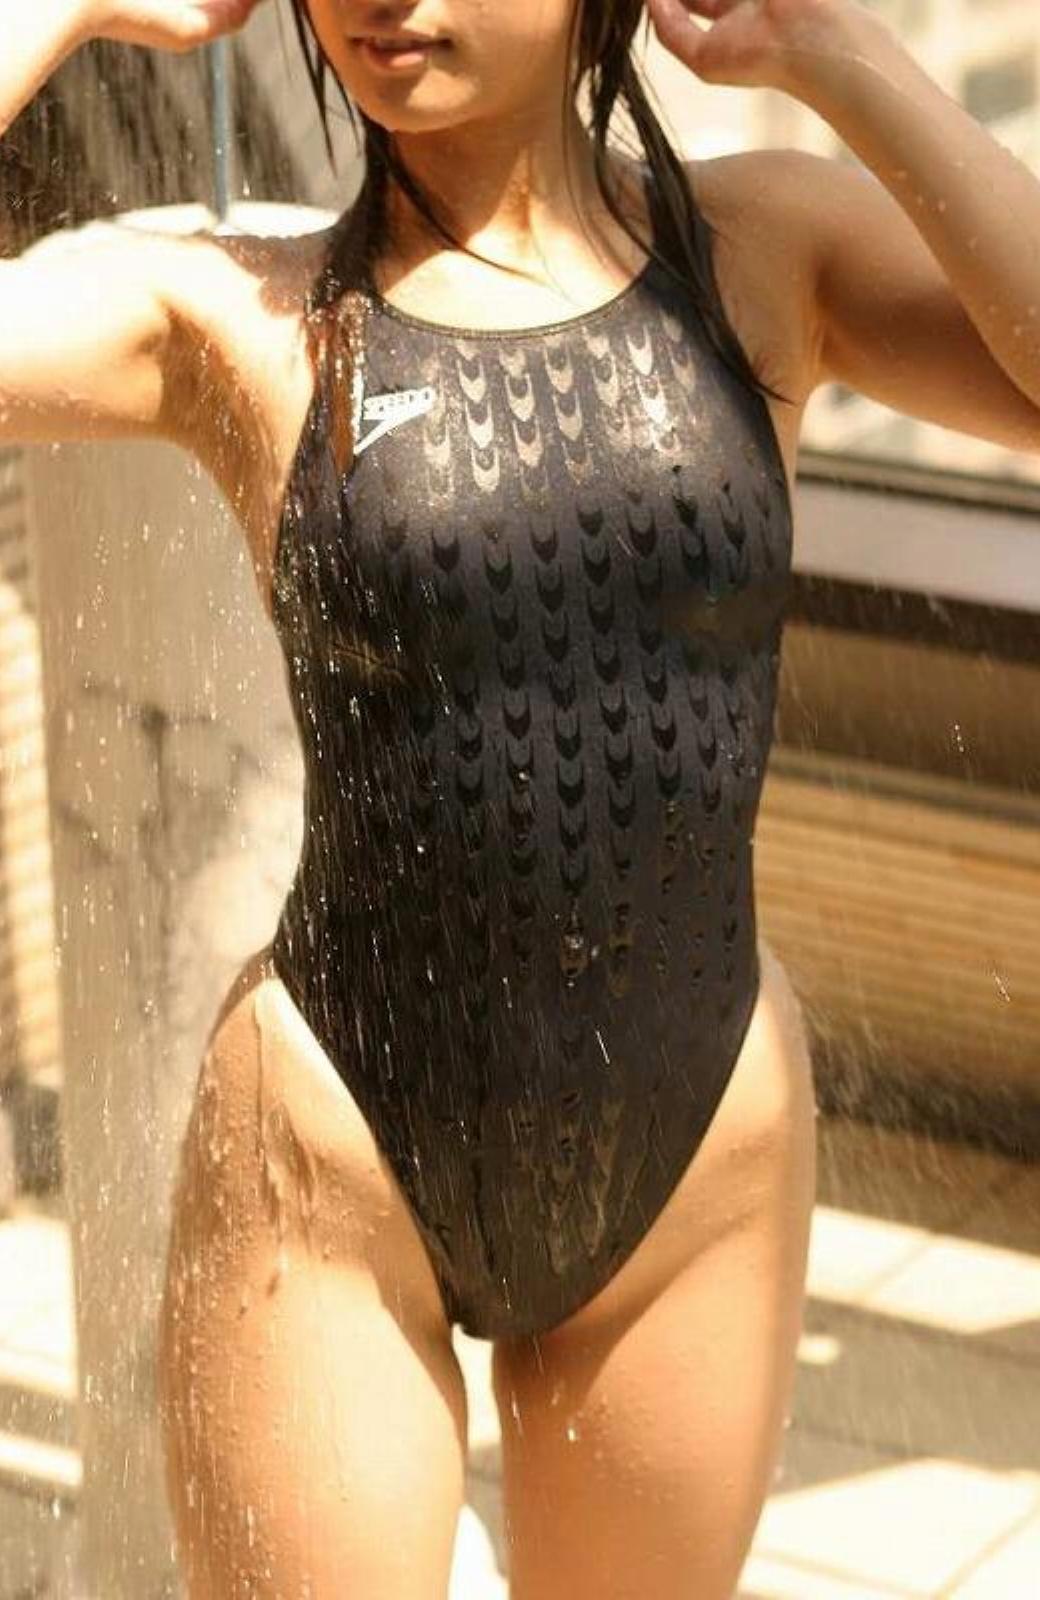 【競泳水着エロ画像】全身運動ゆえにガタイの良さは必然…だがそれがいい♪w素人女子のエロぃ肉体を盗撮したたw